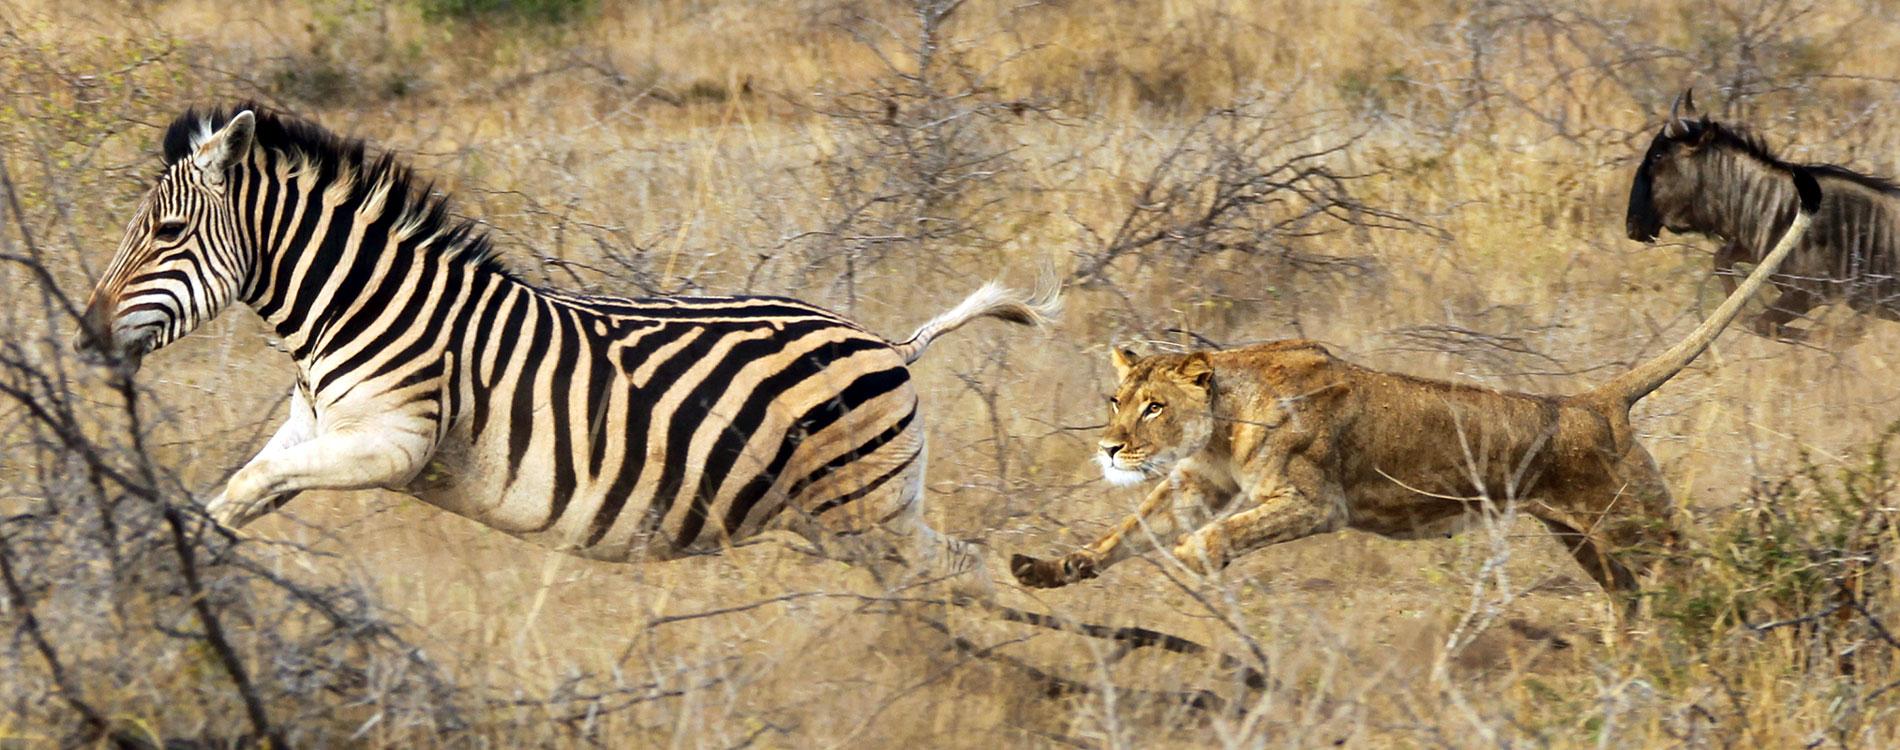 Lion Chasing a Zebra in Africa - Thanda Safari South Africa